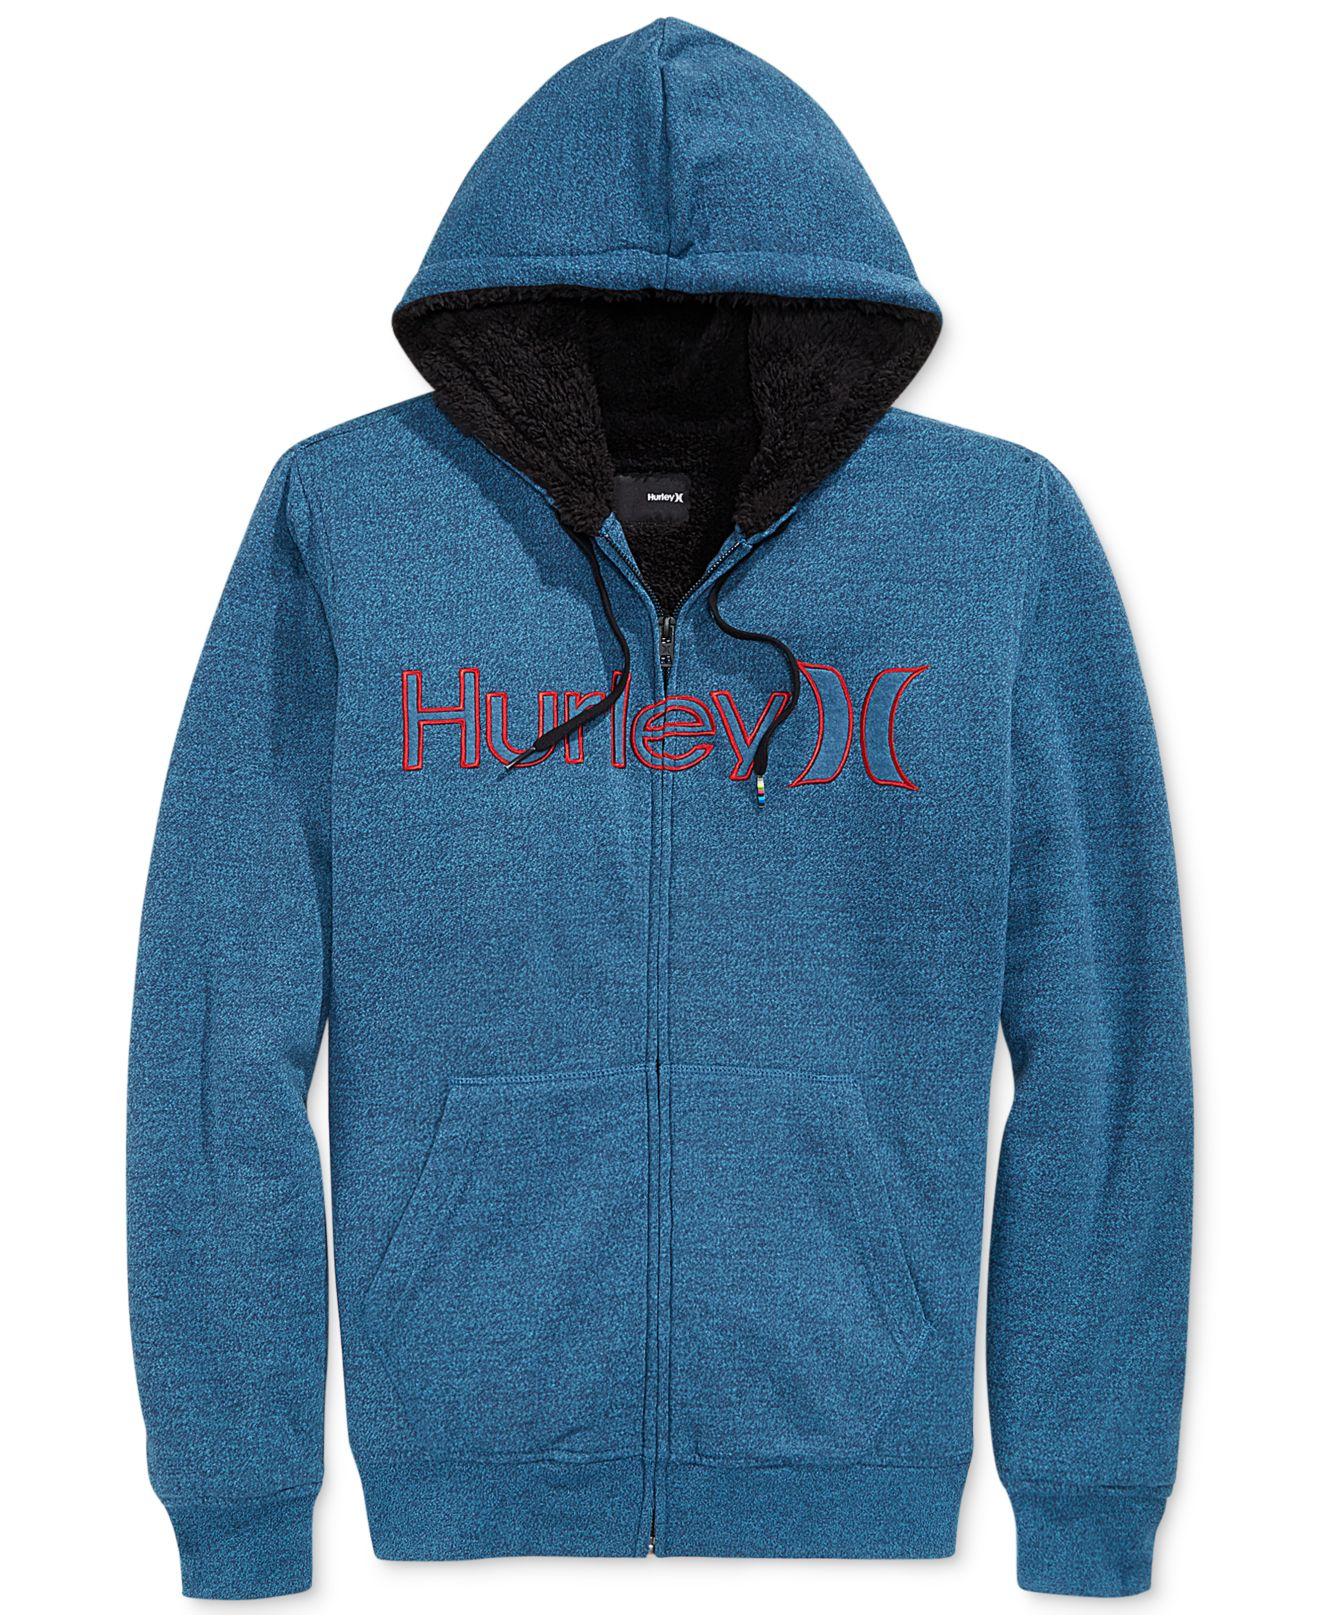 Hurley sherpa hoodie